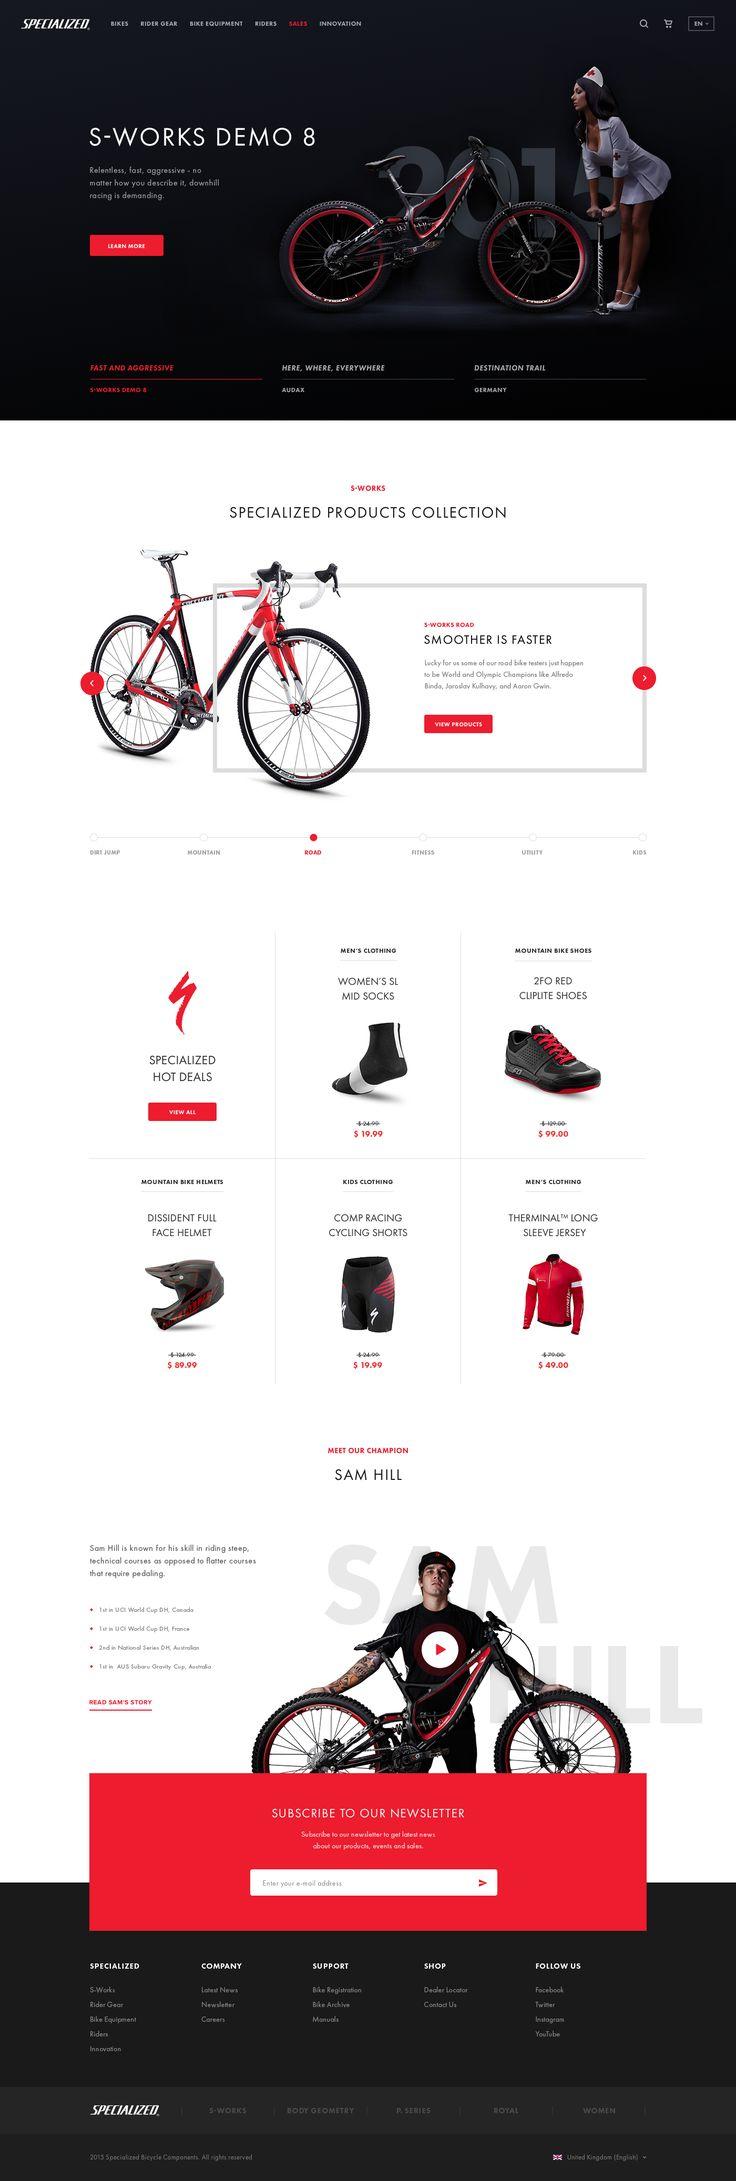 Фрилансер Виталий Бухтеев (веб-программирование, дизайн сайтов) Беларусь